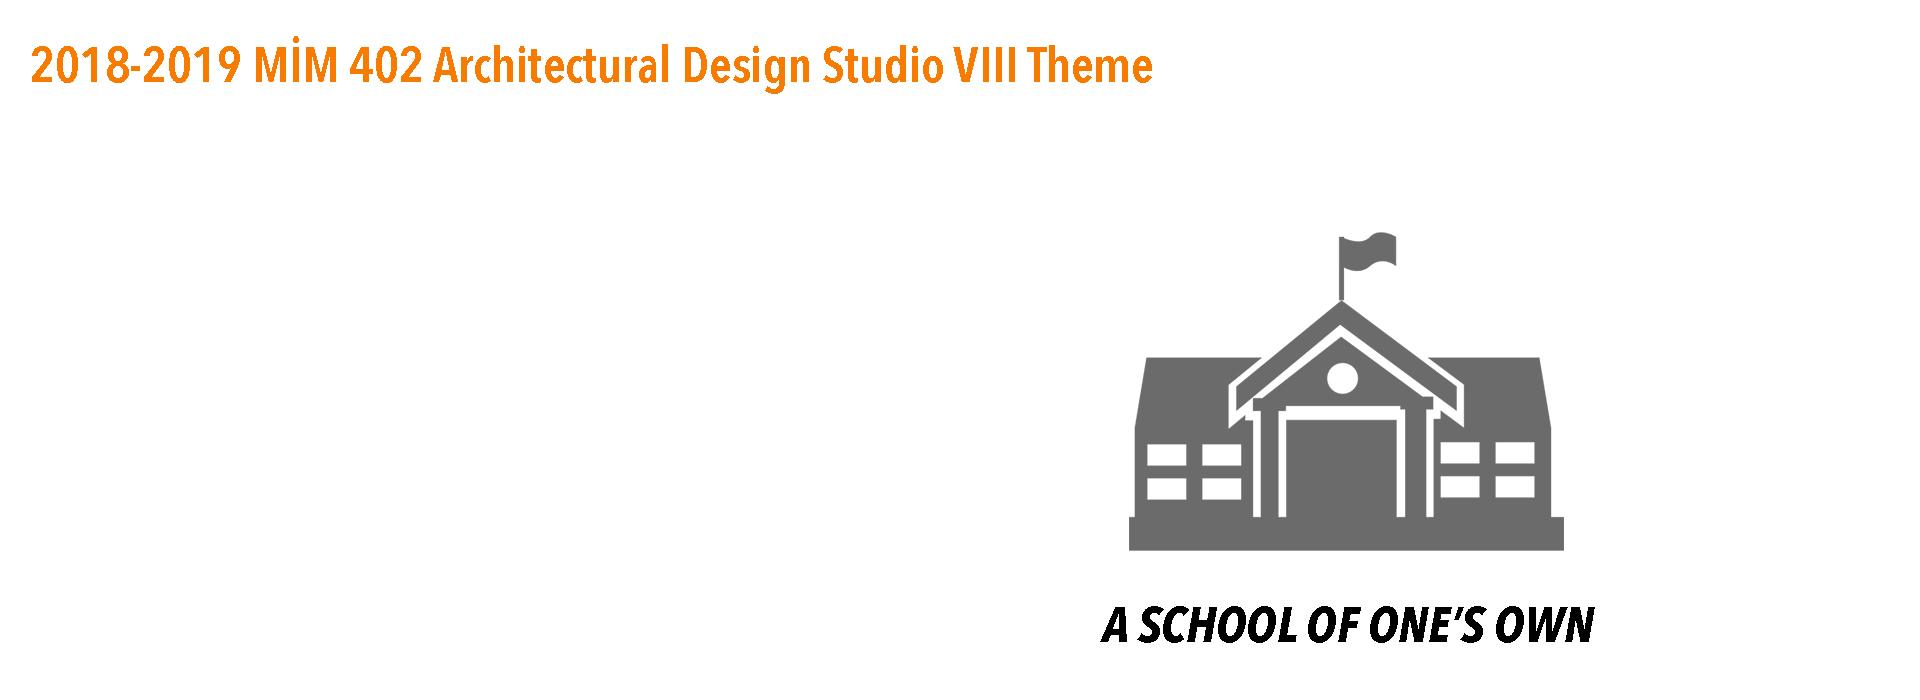 2018-2019 Studio Theme